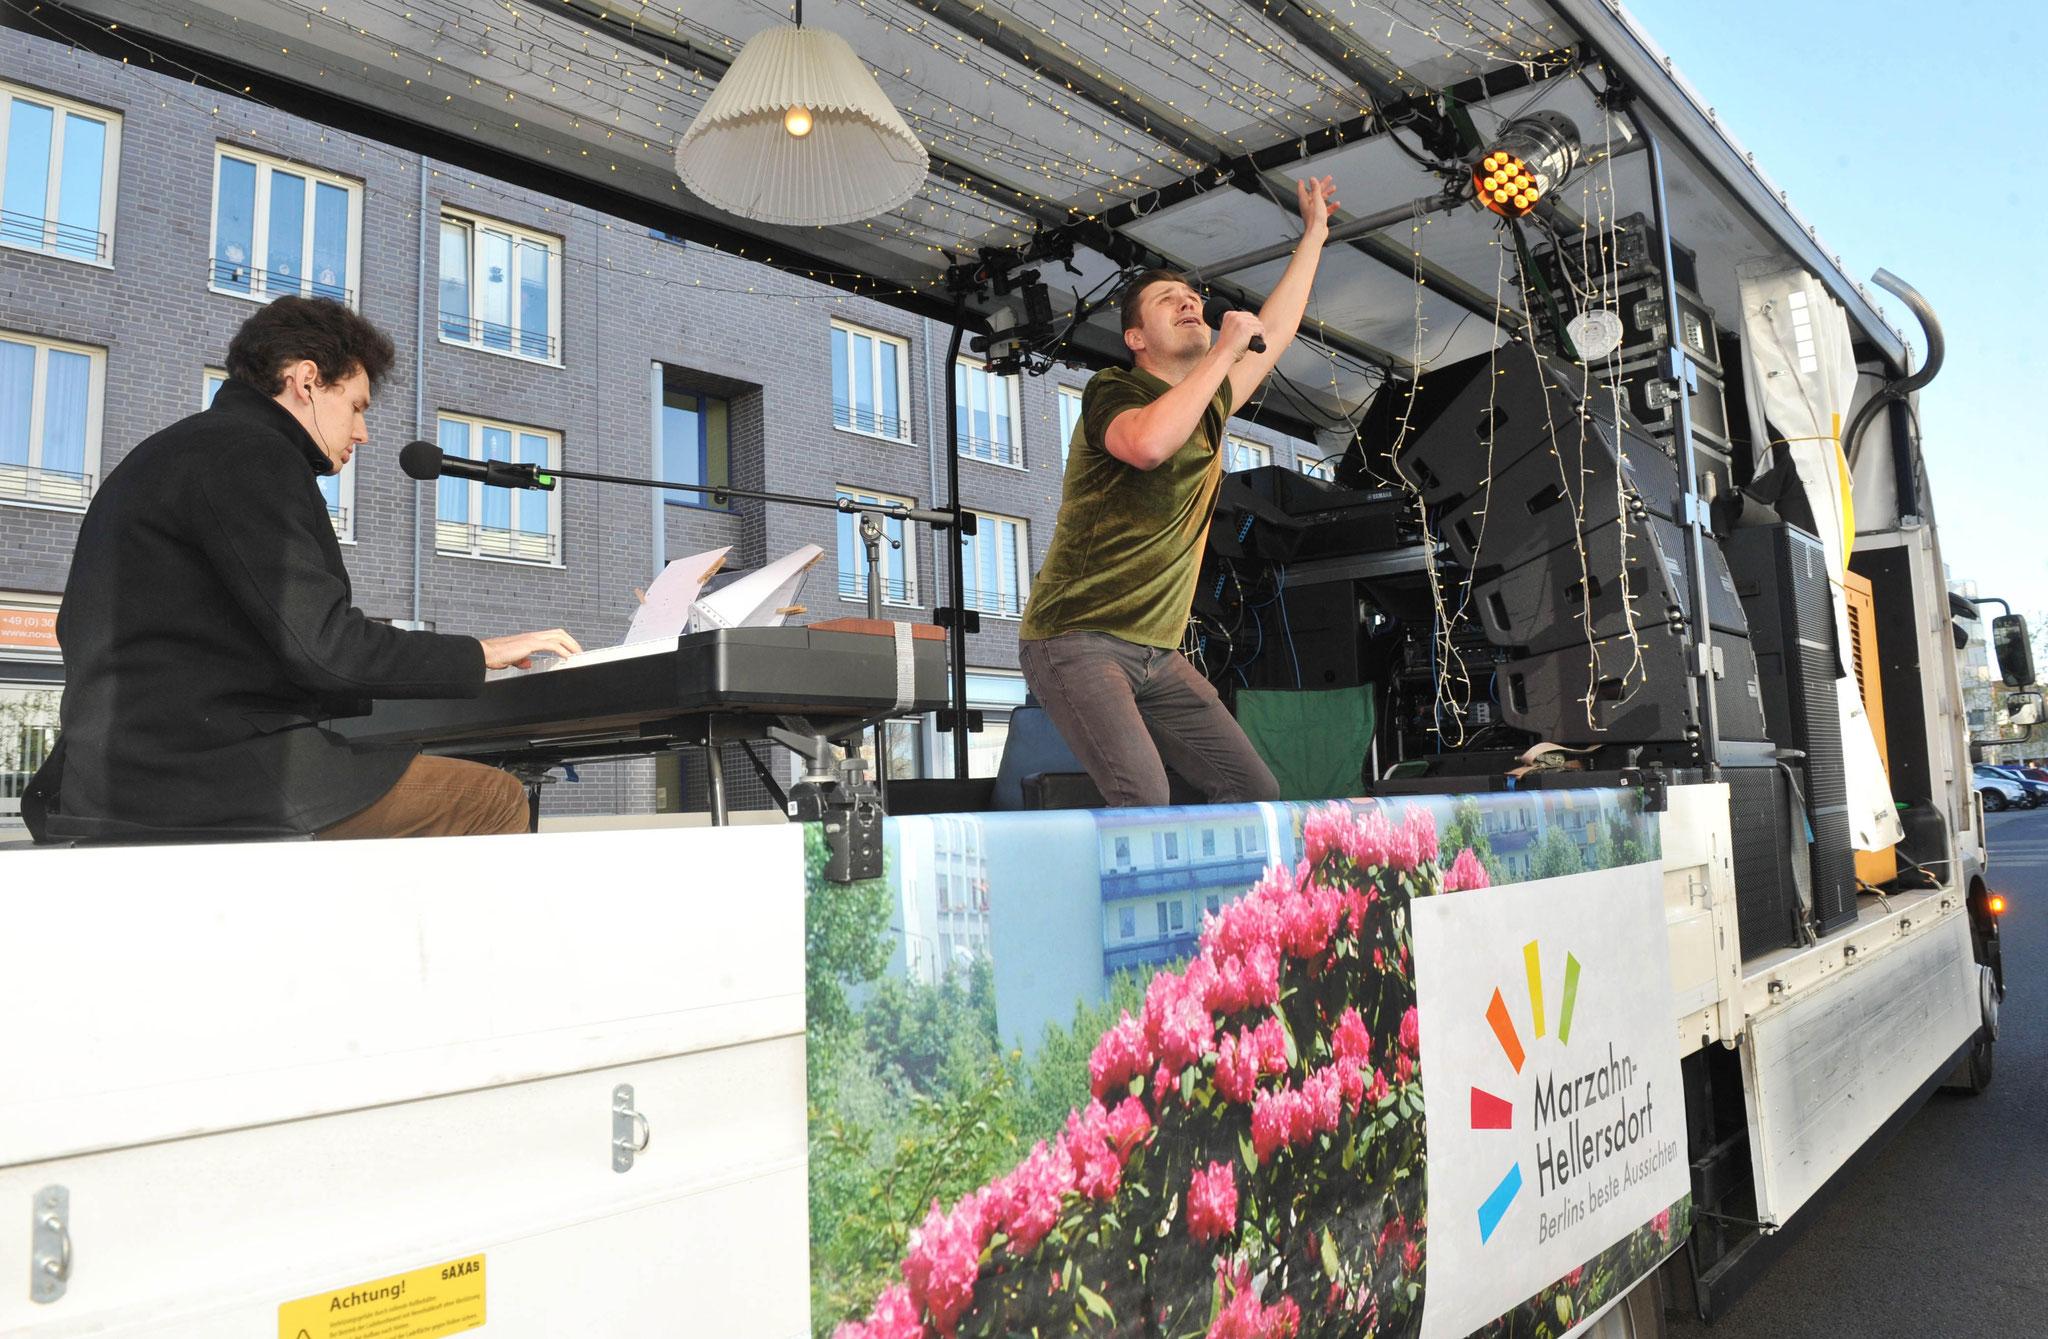 Auf der rollenden Bühne machten Thomas Krüger (l.) und Sebastian Raetzel (r.) an zwei Tagen jeweils fast drei Stunden lang ununterbrochen Musik. © pressefoto-uhlemann.de